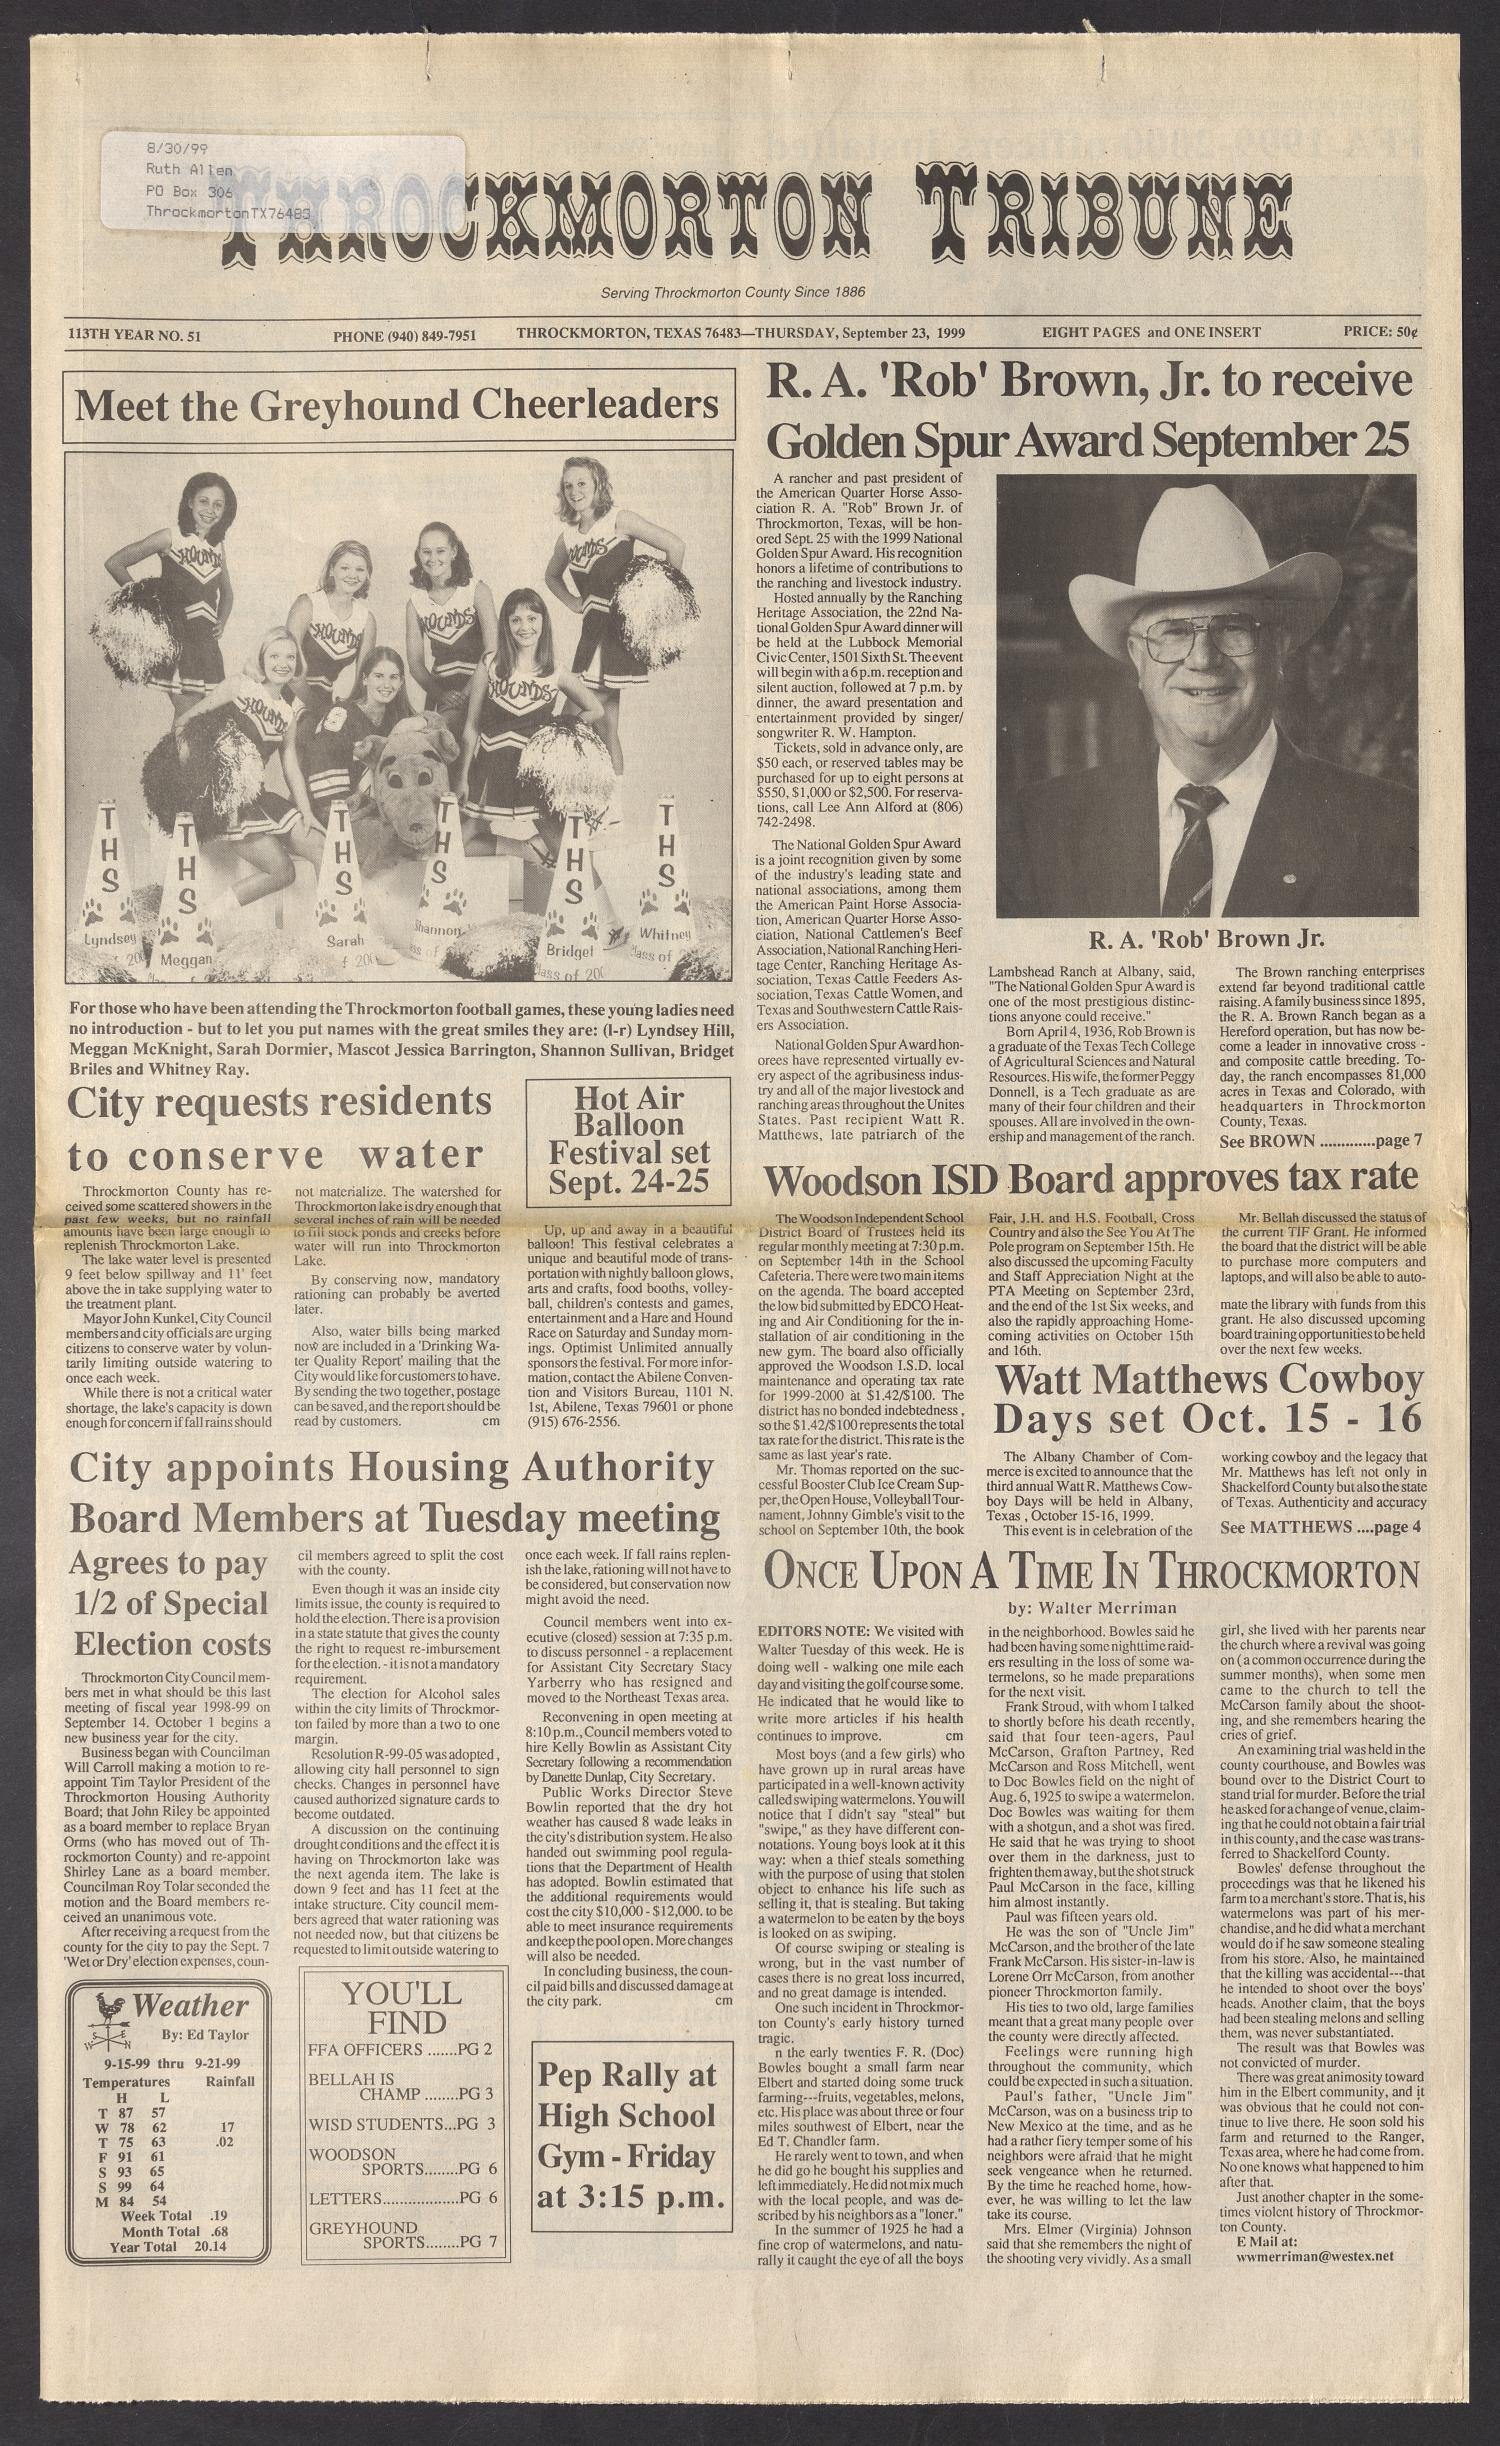 Throckmorton Tribune (Throckmorton, Tex ), Vol  113, No  51